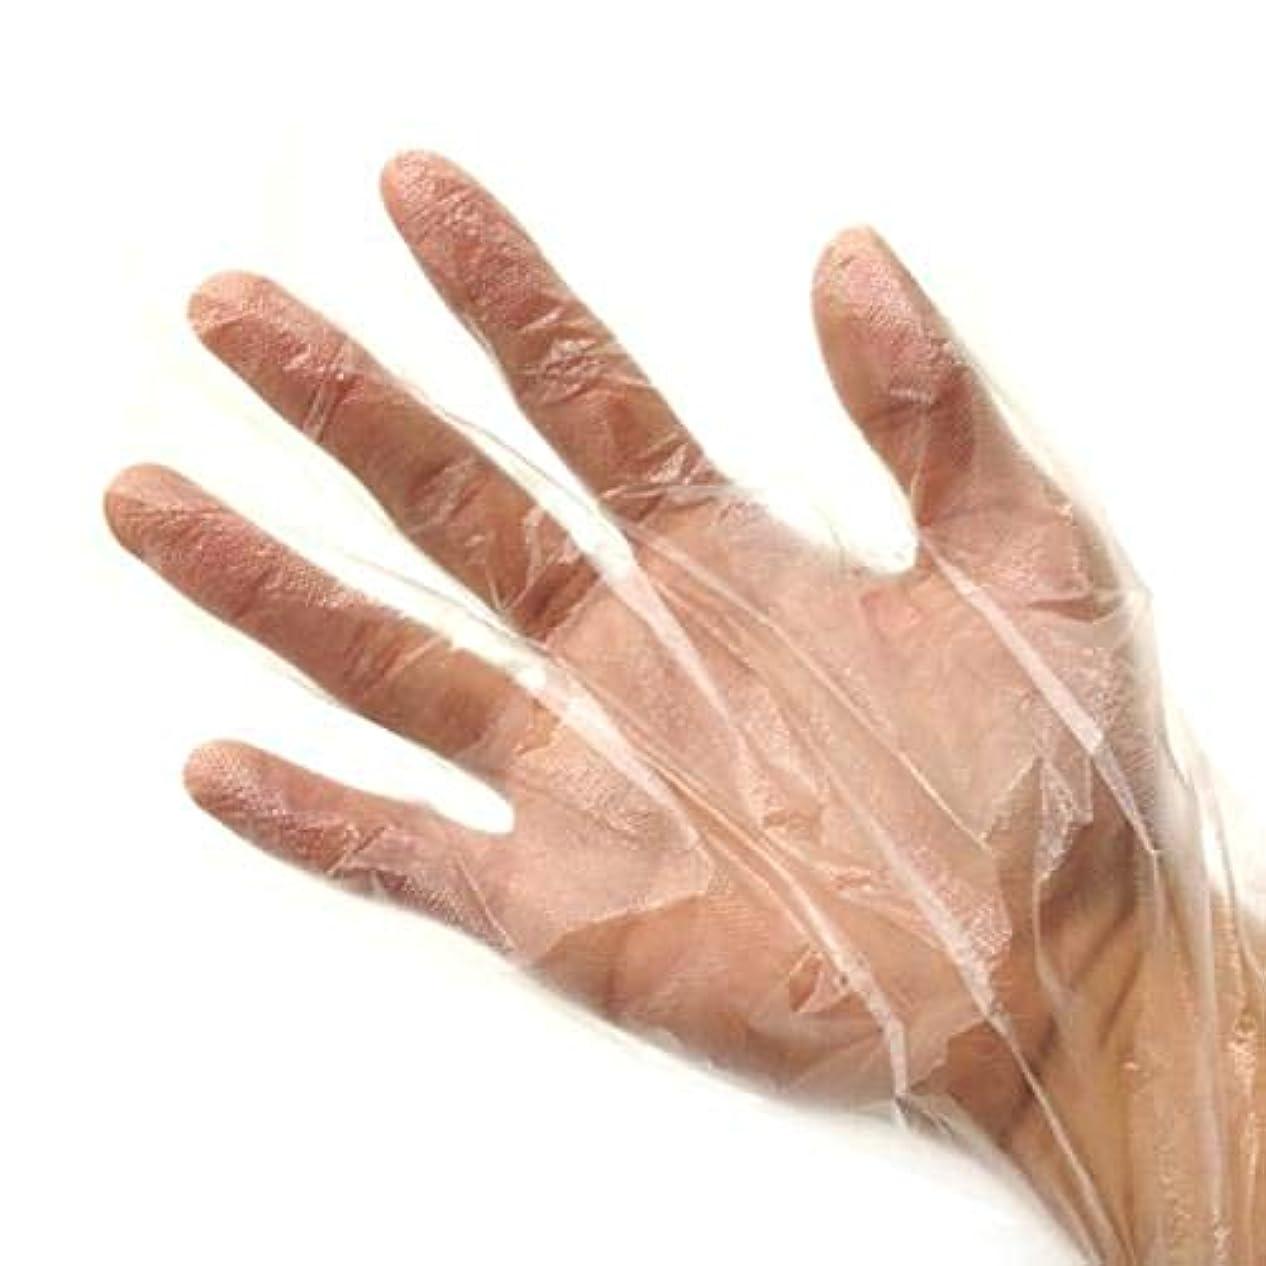 制限する泳ぐフェード使い捨て手袋 極薄ビニール手袋 調理 透明 実用 衛生 100枚入